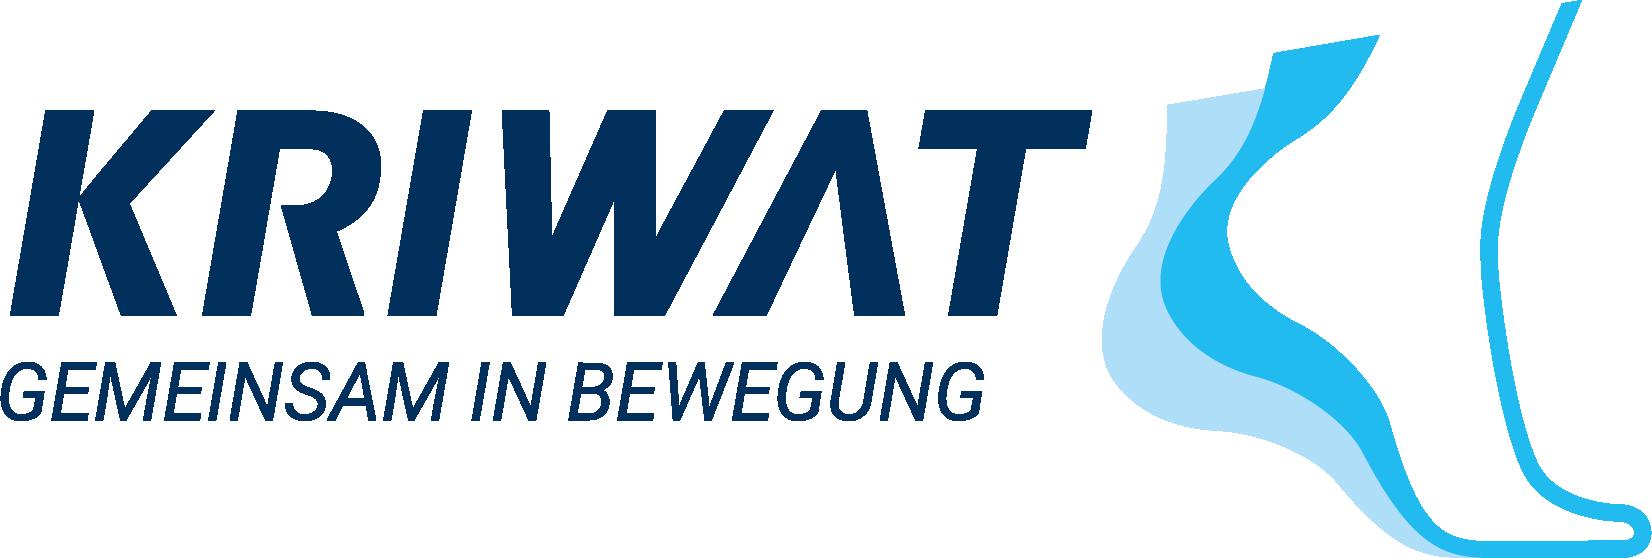 Gemeinsam in Bewegung Logo